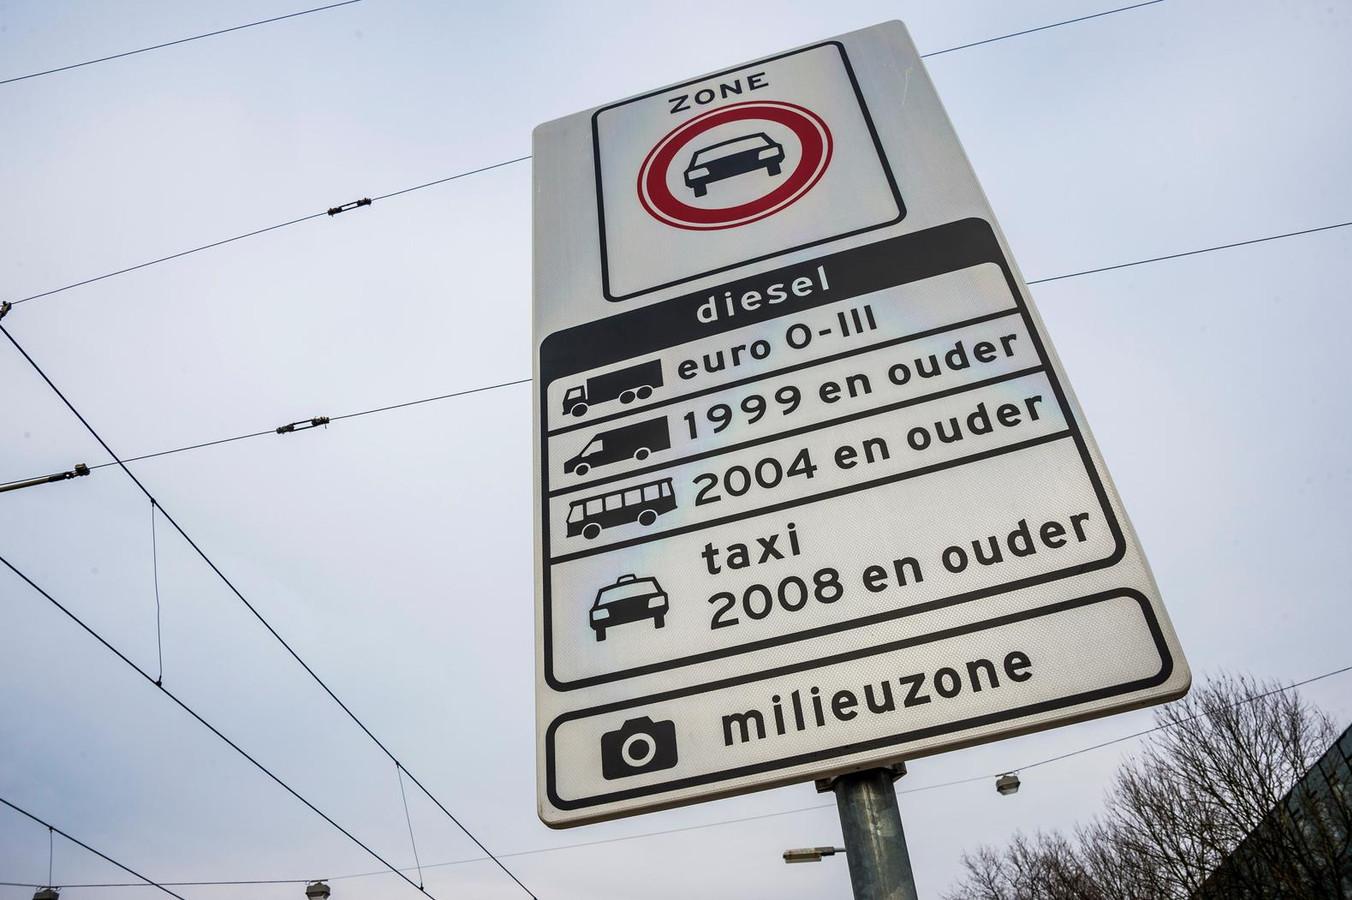 Een bord markeert de milieuzone in Amsterdam voor vrachtwagens, bestelvoertuigen, taxi's en touringcars.